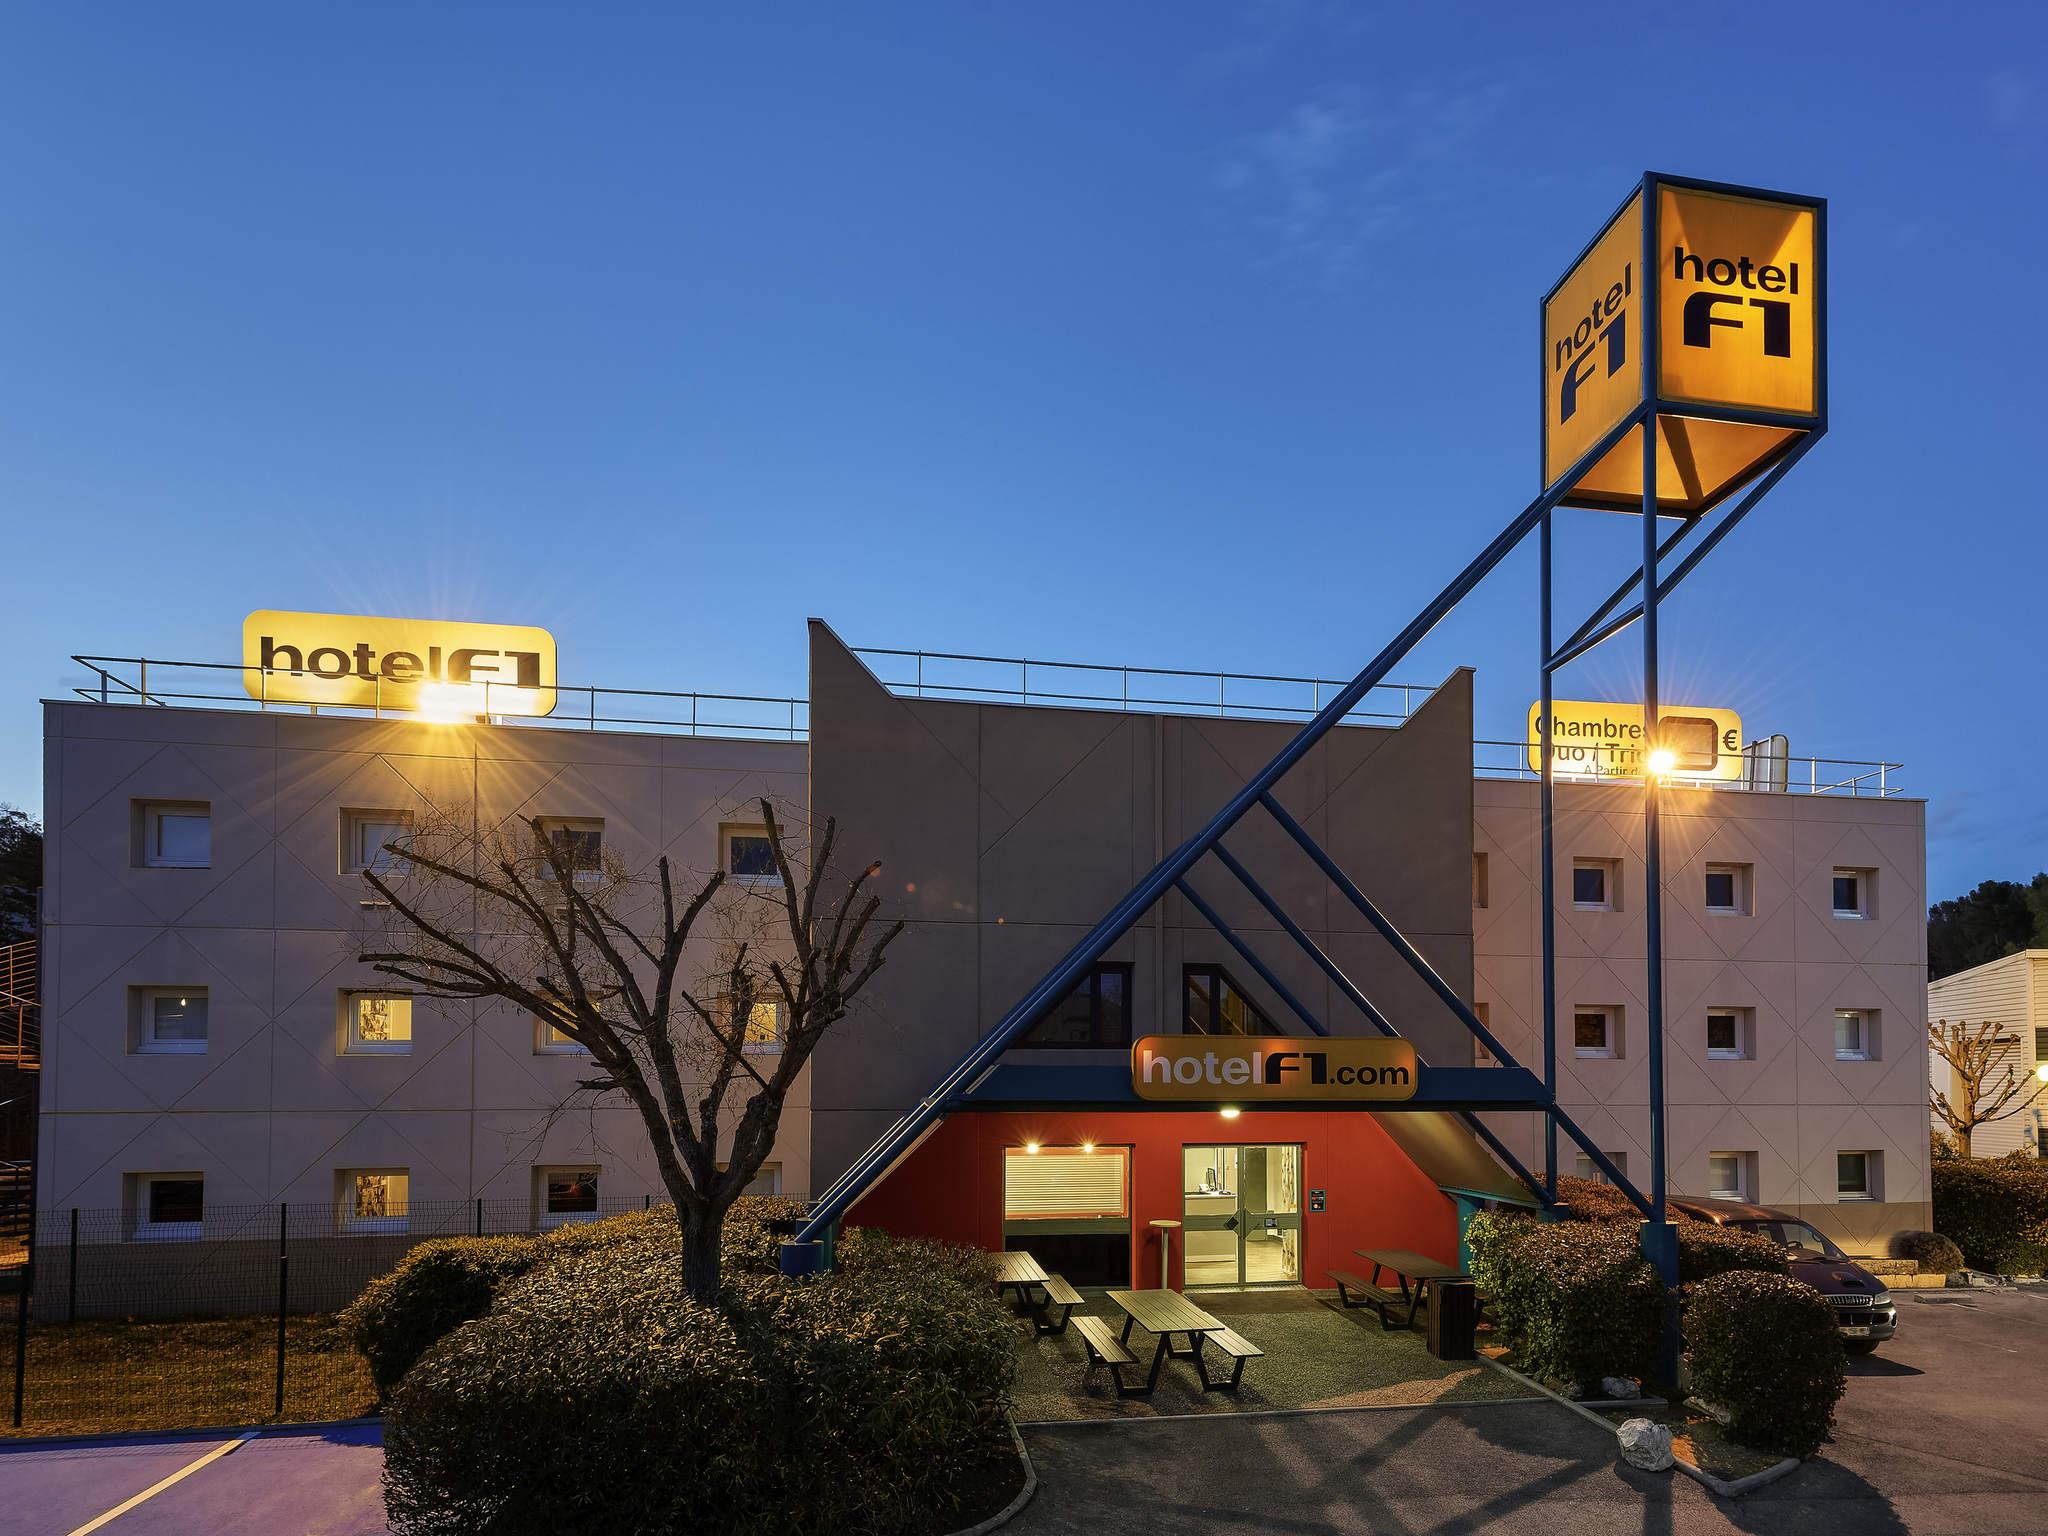 Hôtel - hotelF1 Vesoul